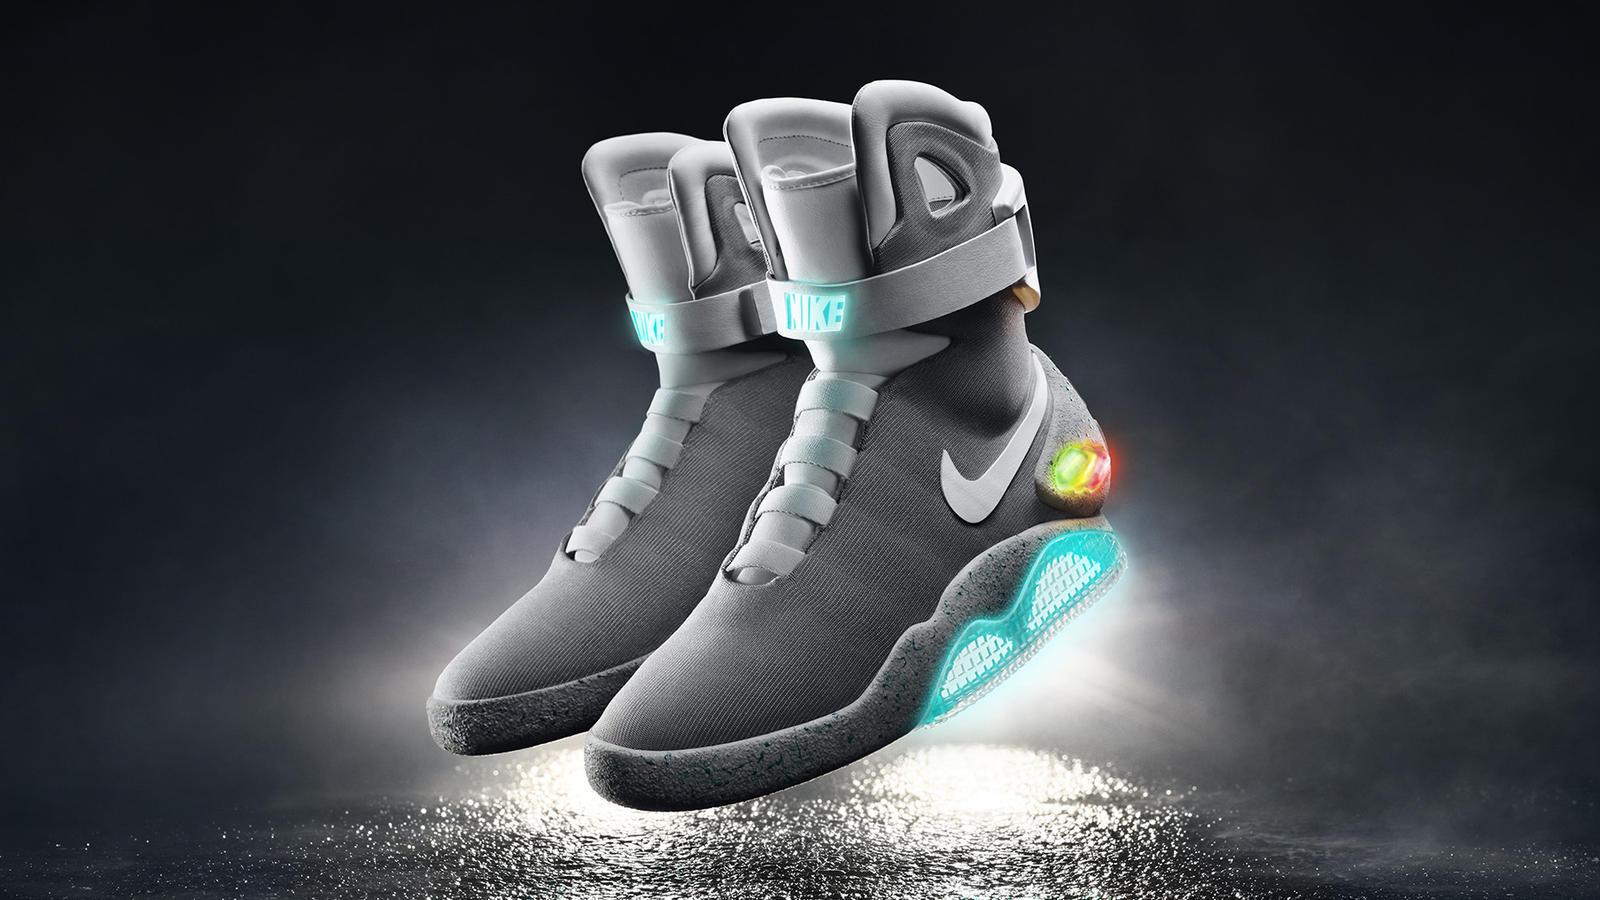 2015-Nike-Mag-02_hd_1600